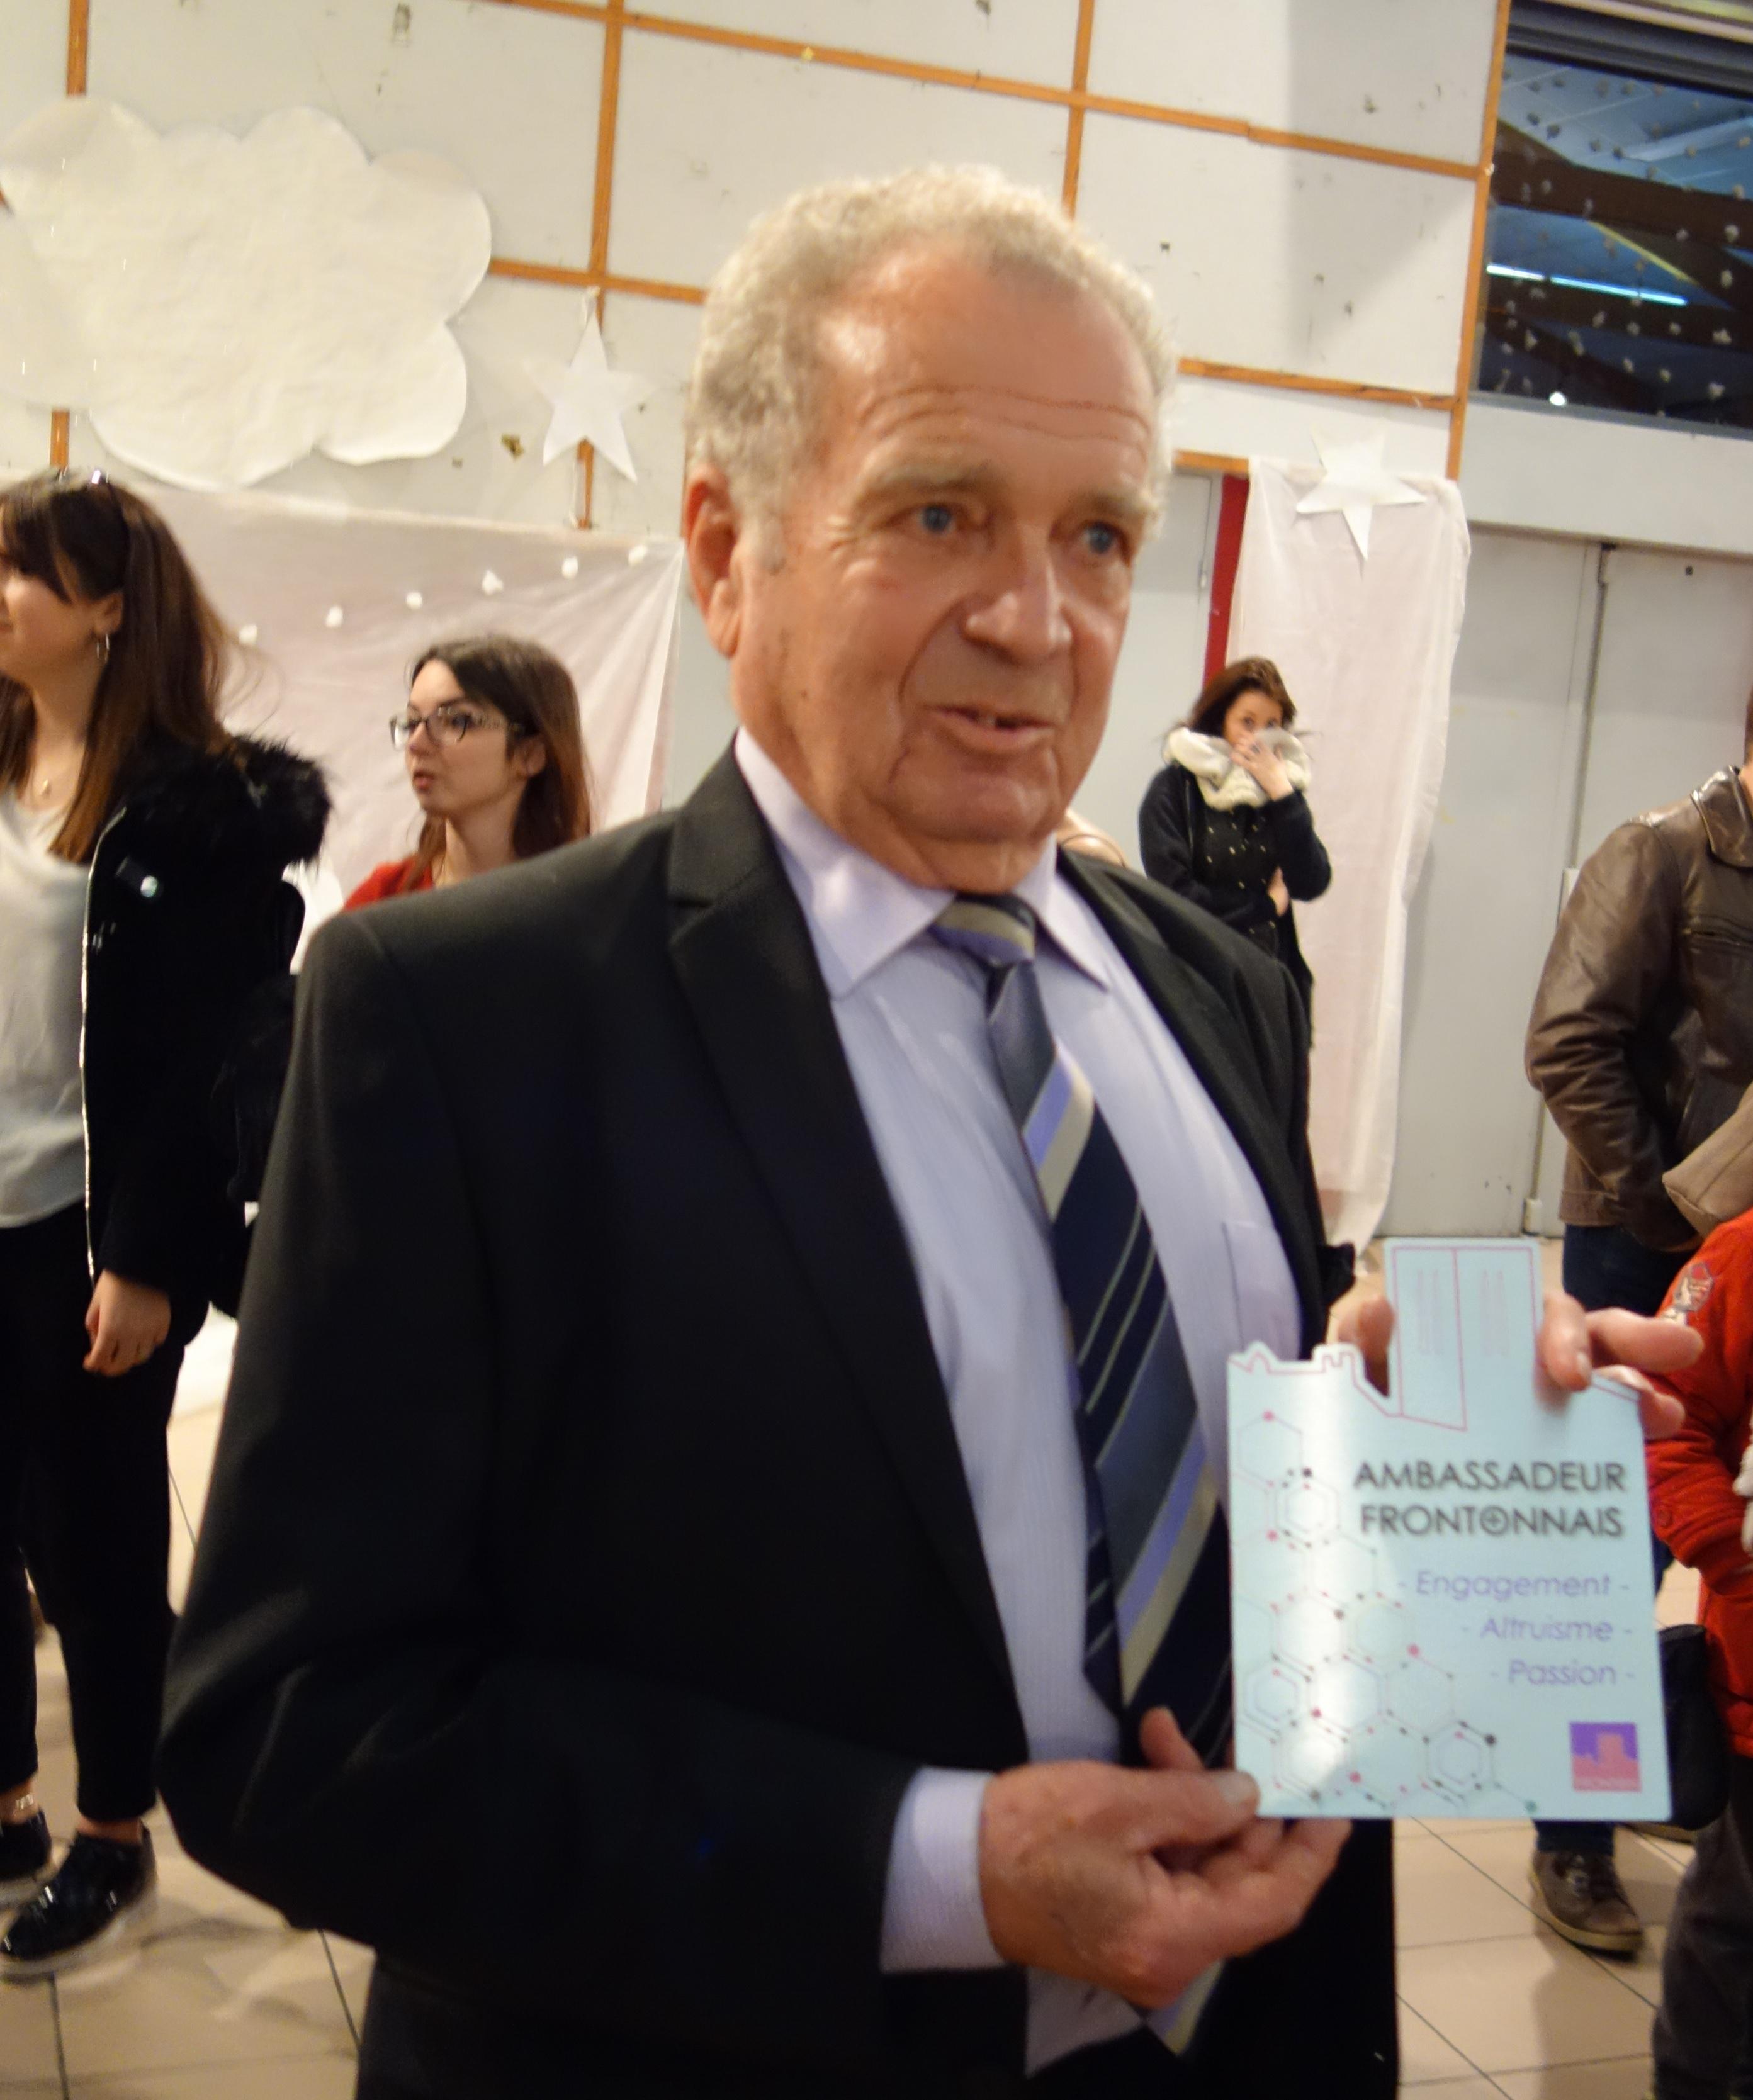 Le titre d'Ambassadeur de Fronton pour M. Robert Bard, Président de l'association « Le Goujon Frontonnais »